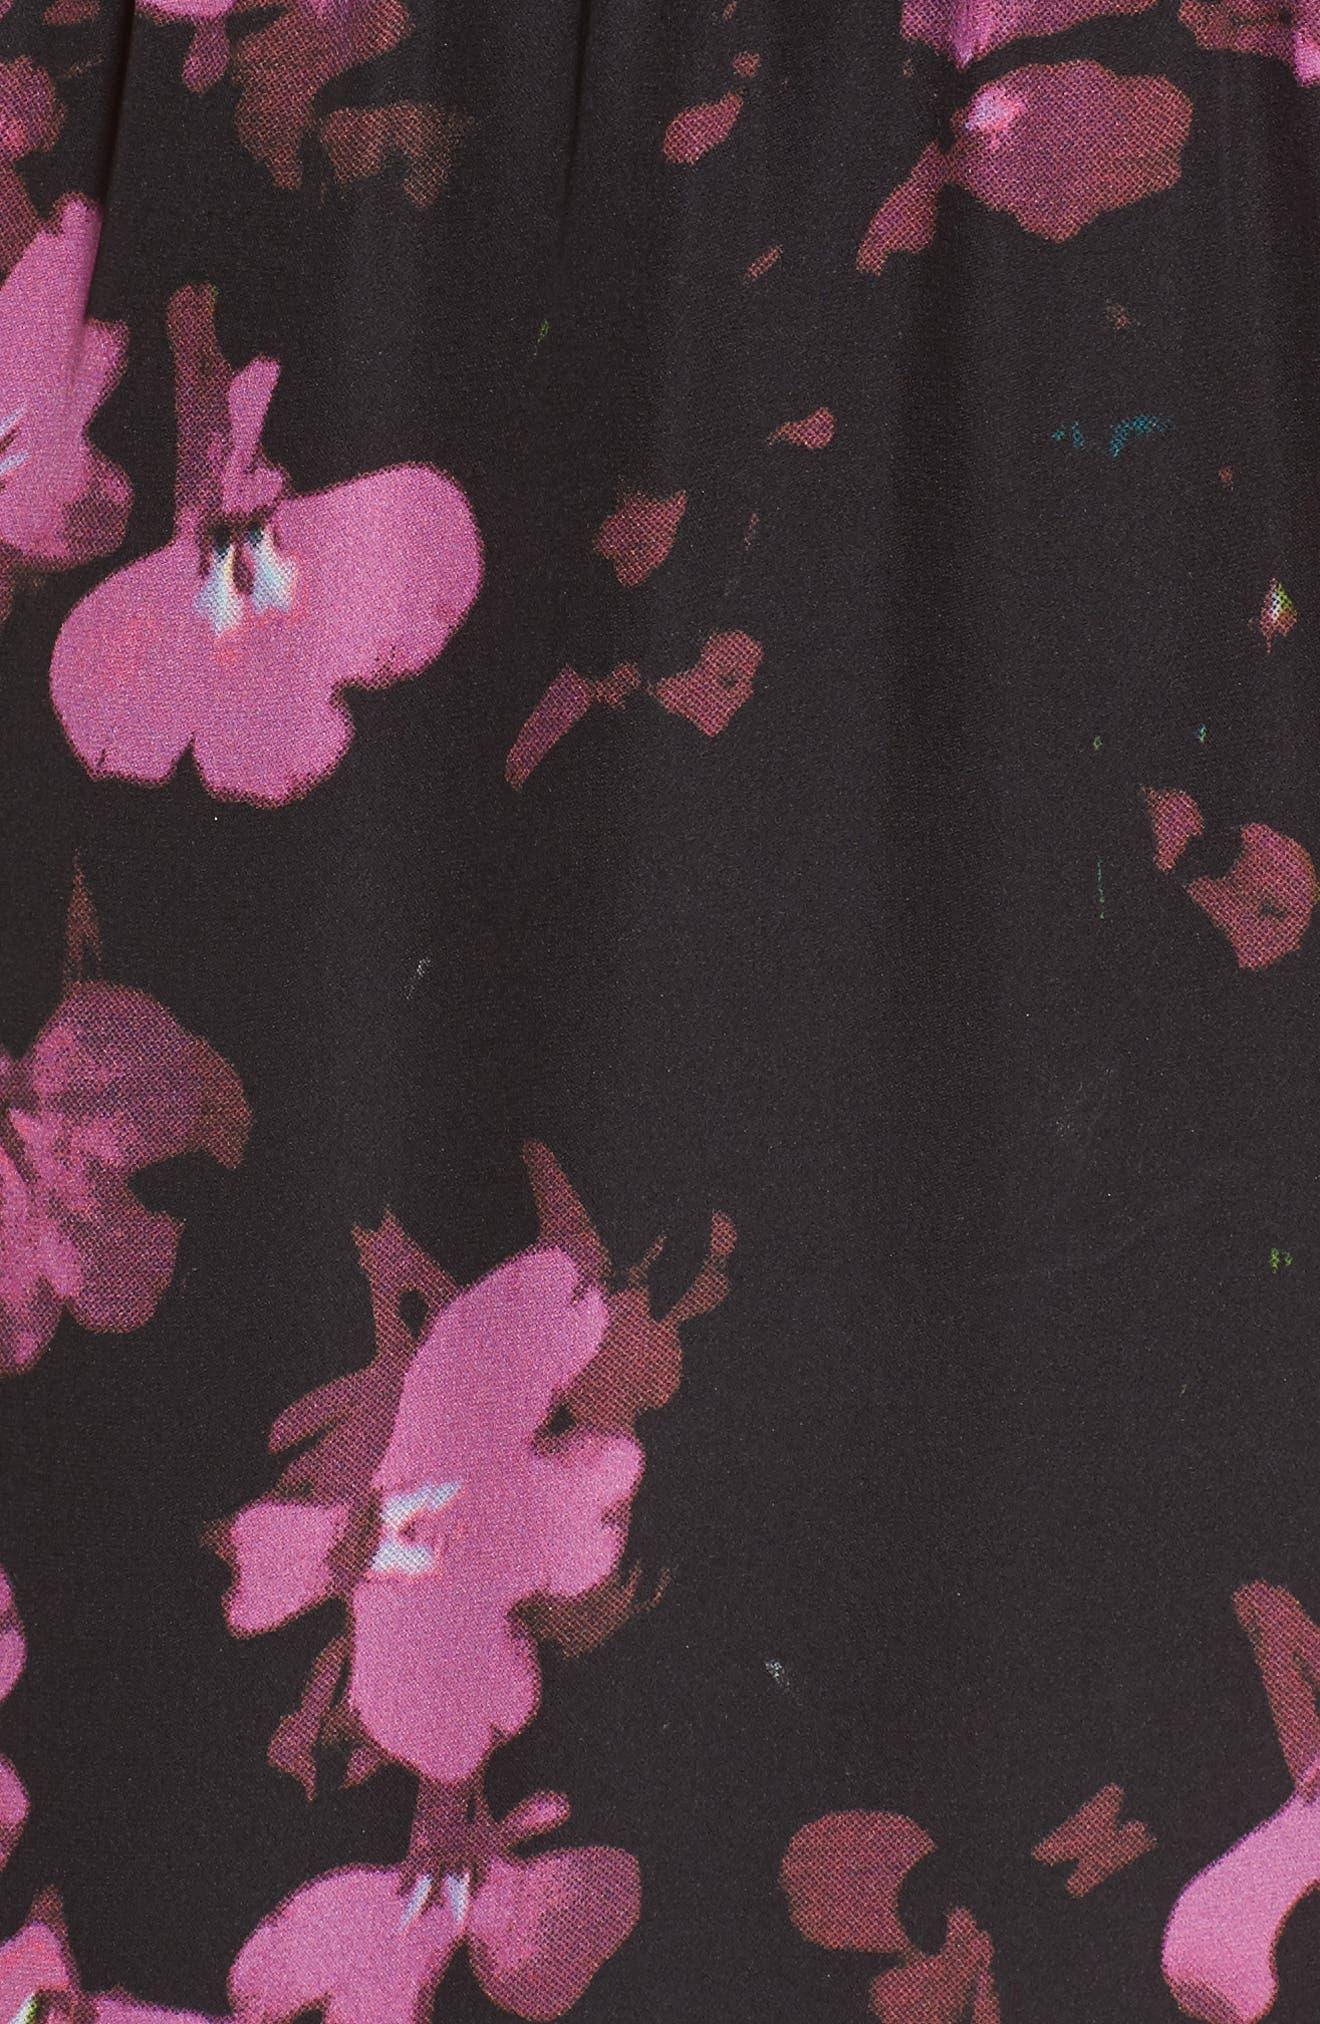 Zinnia Ruffle Silk Dress,                             Alternate thumbnail 5, color,                             Petalbloom